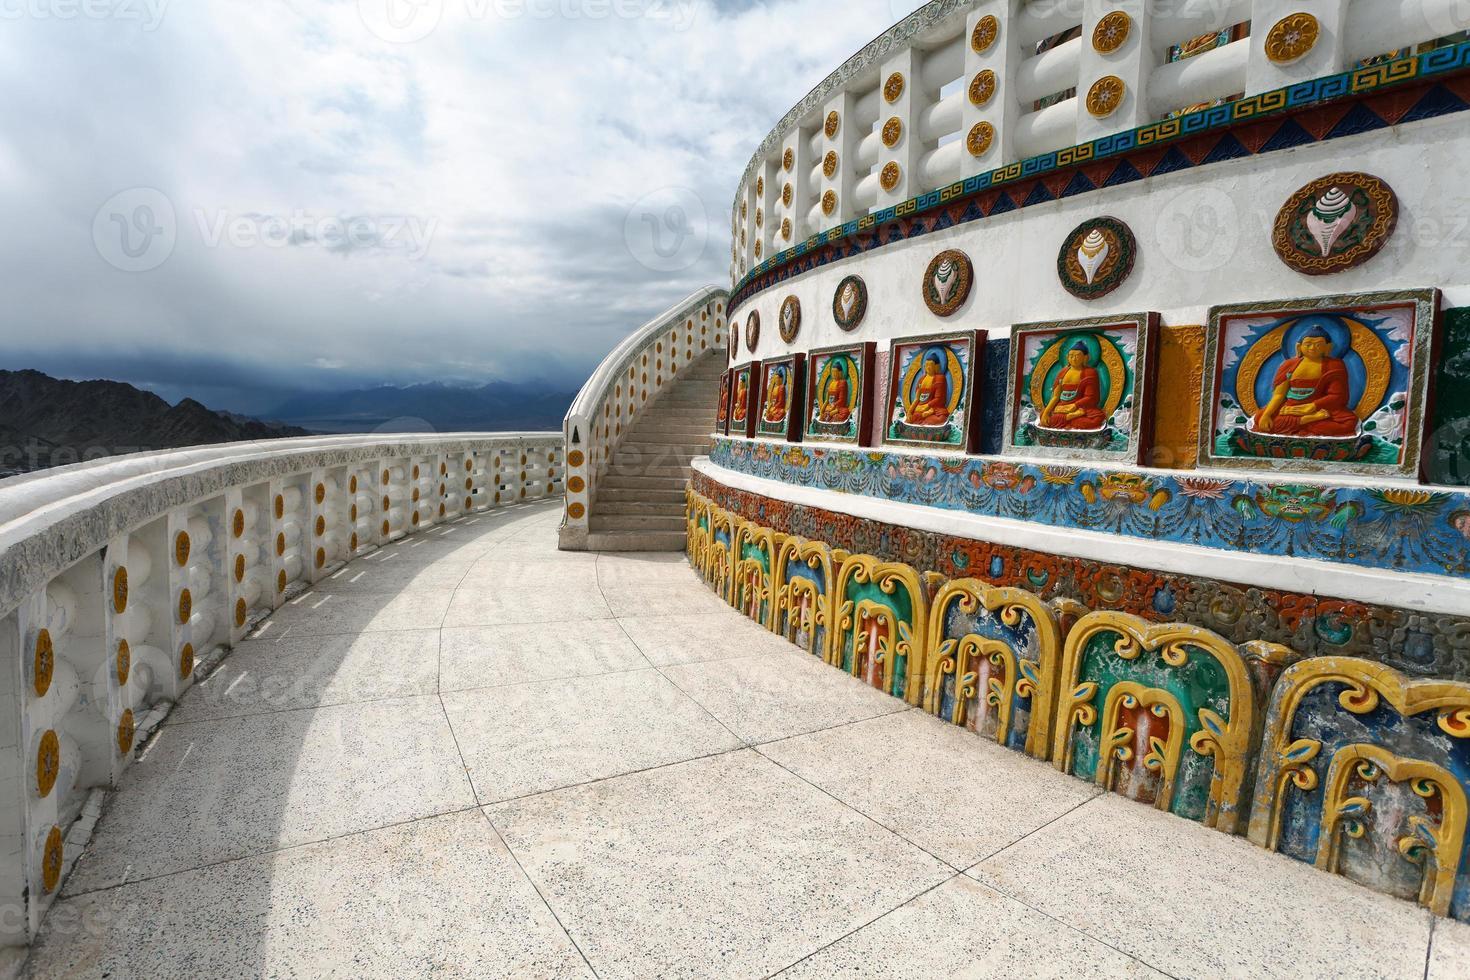 große Shanti Stupa in der Nähe von Leh - Ladakh - Indien foto